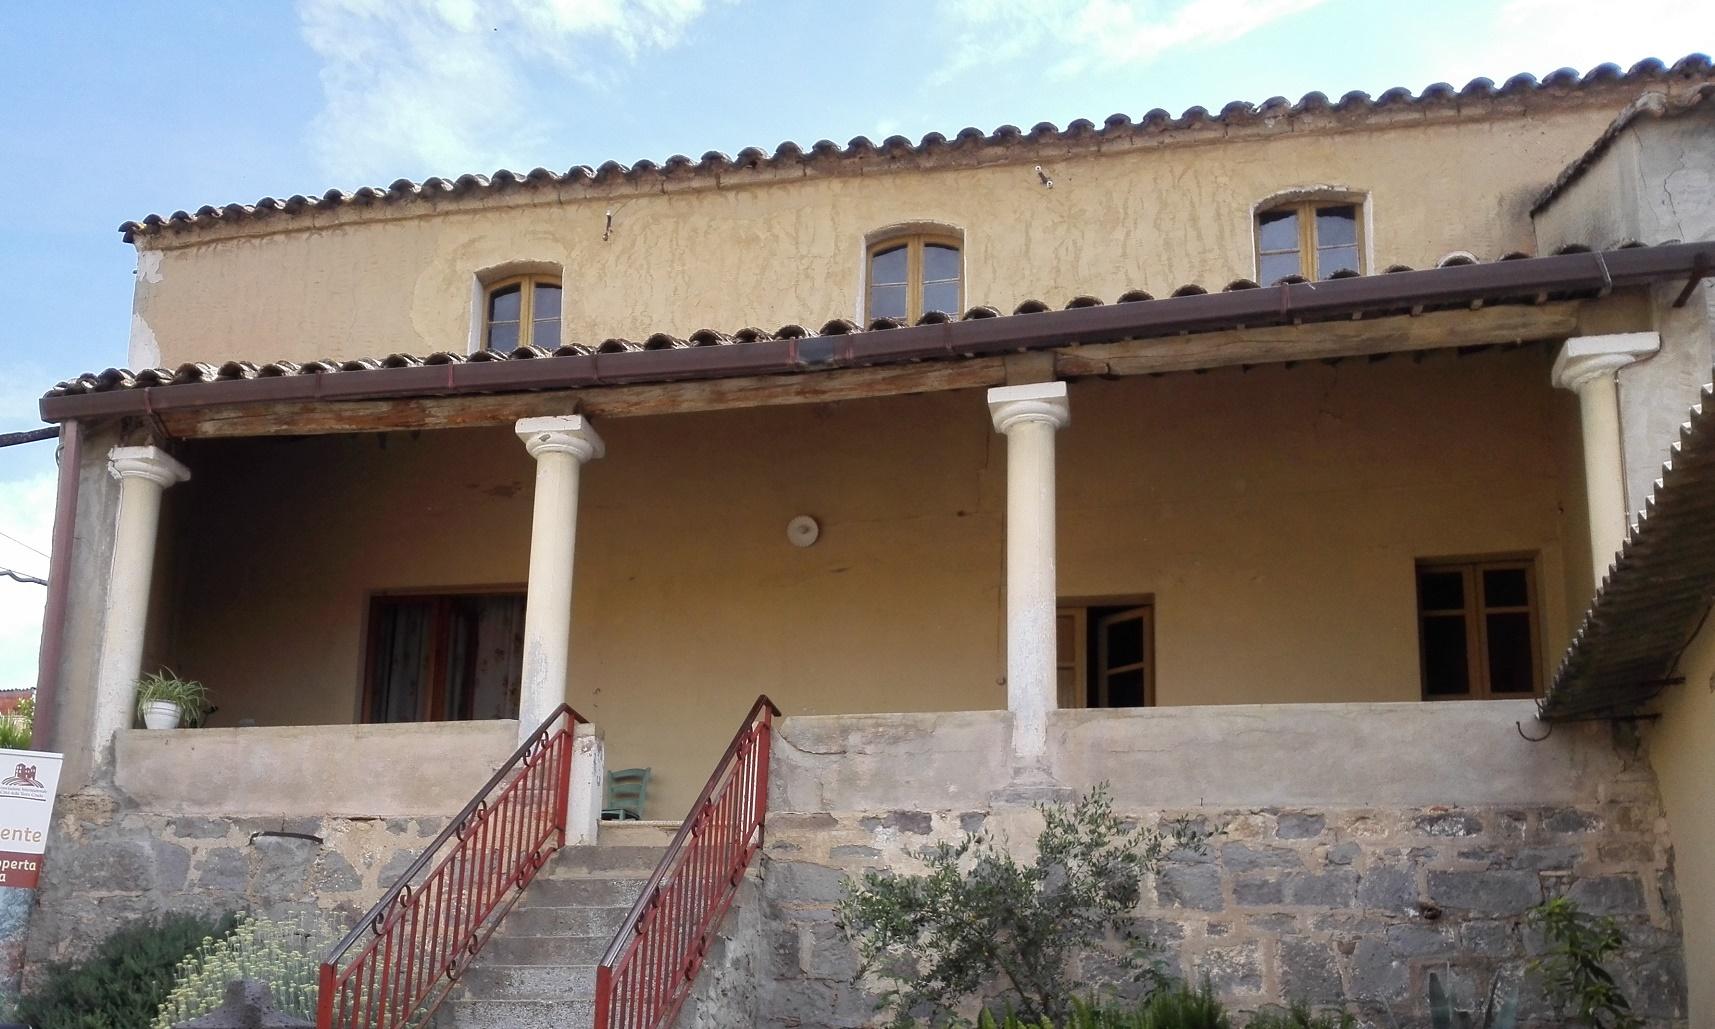 Su ladiri la terra cruda usata nelle tipiche case for Fantasmi nelle case